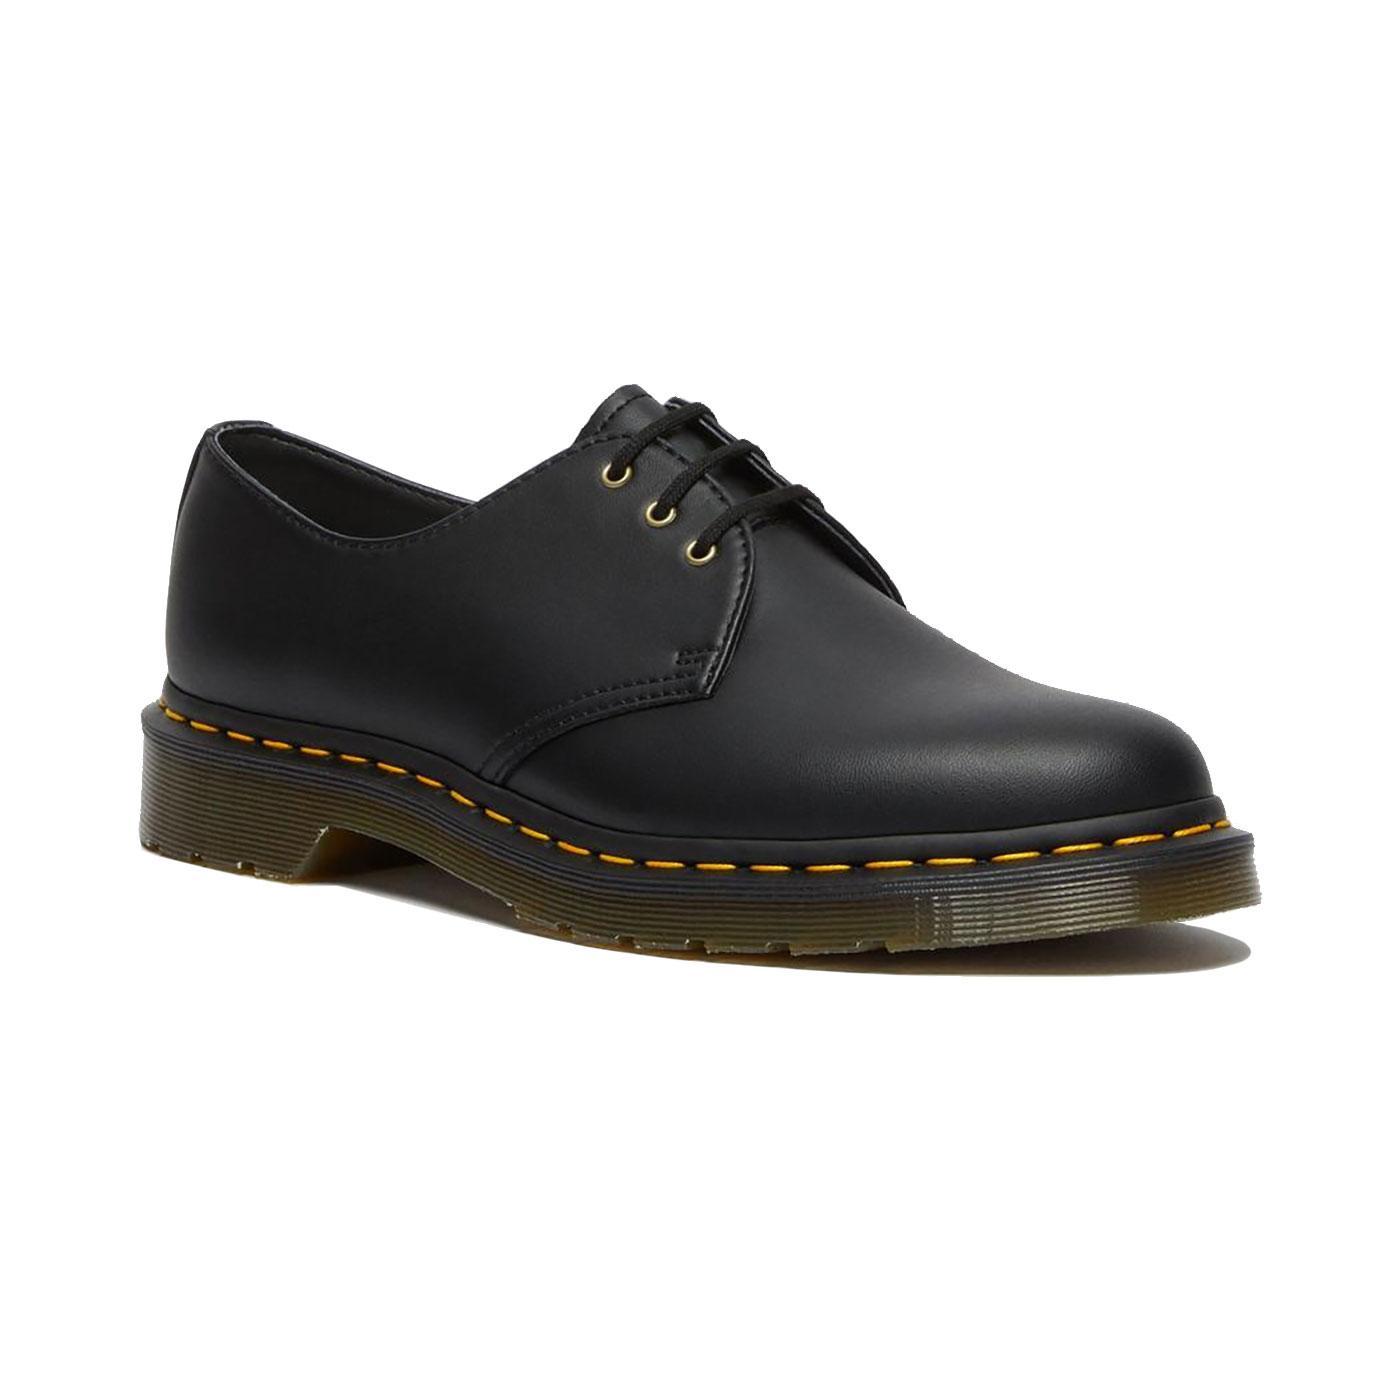 Vegan 1461 DR MARTENS Retro Smooth Oxford Shoes